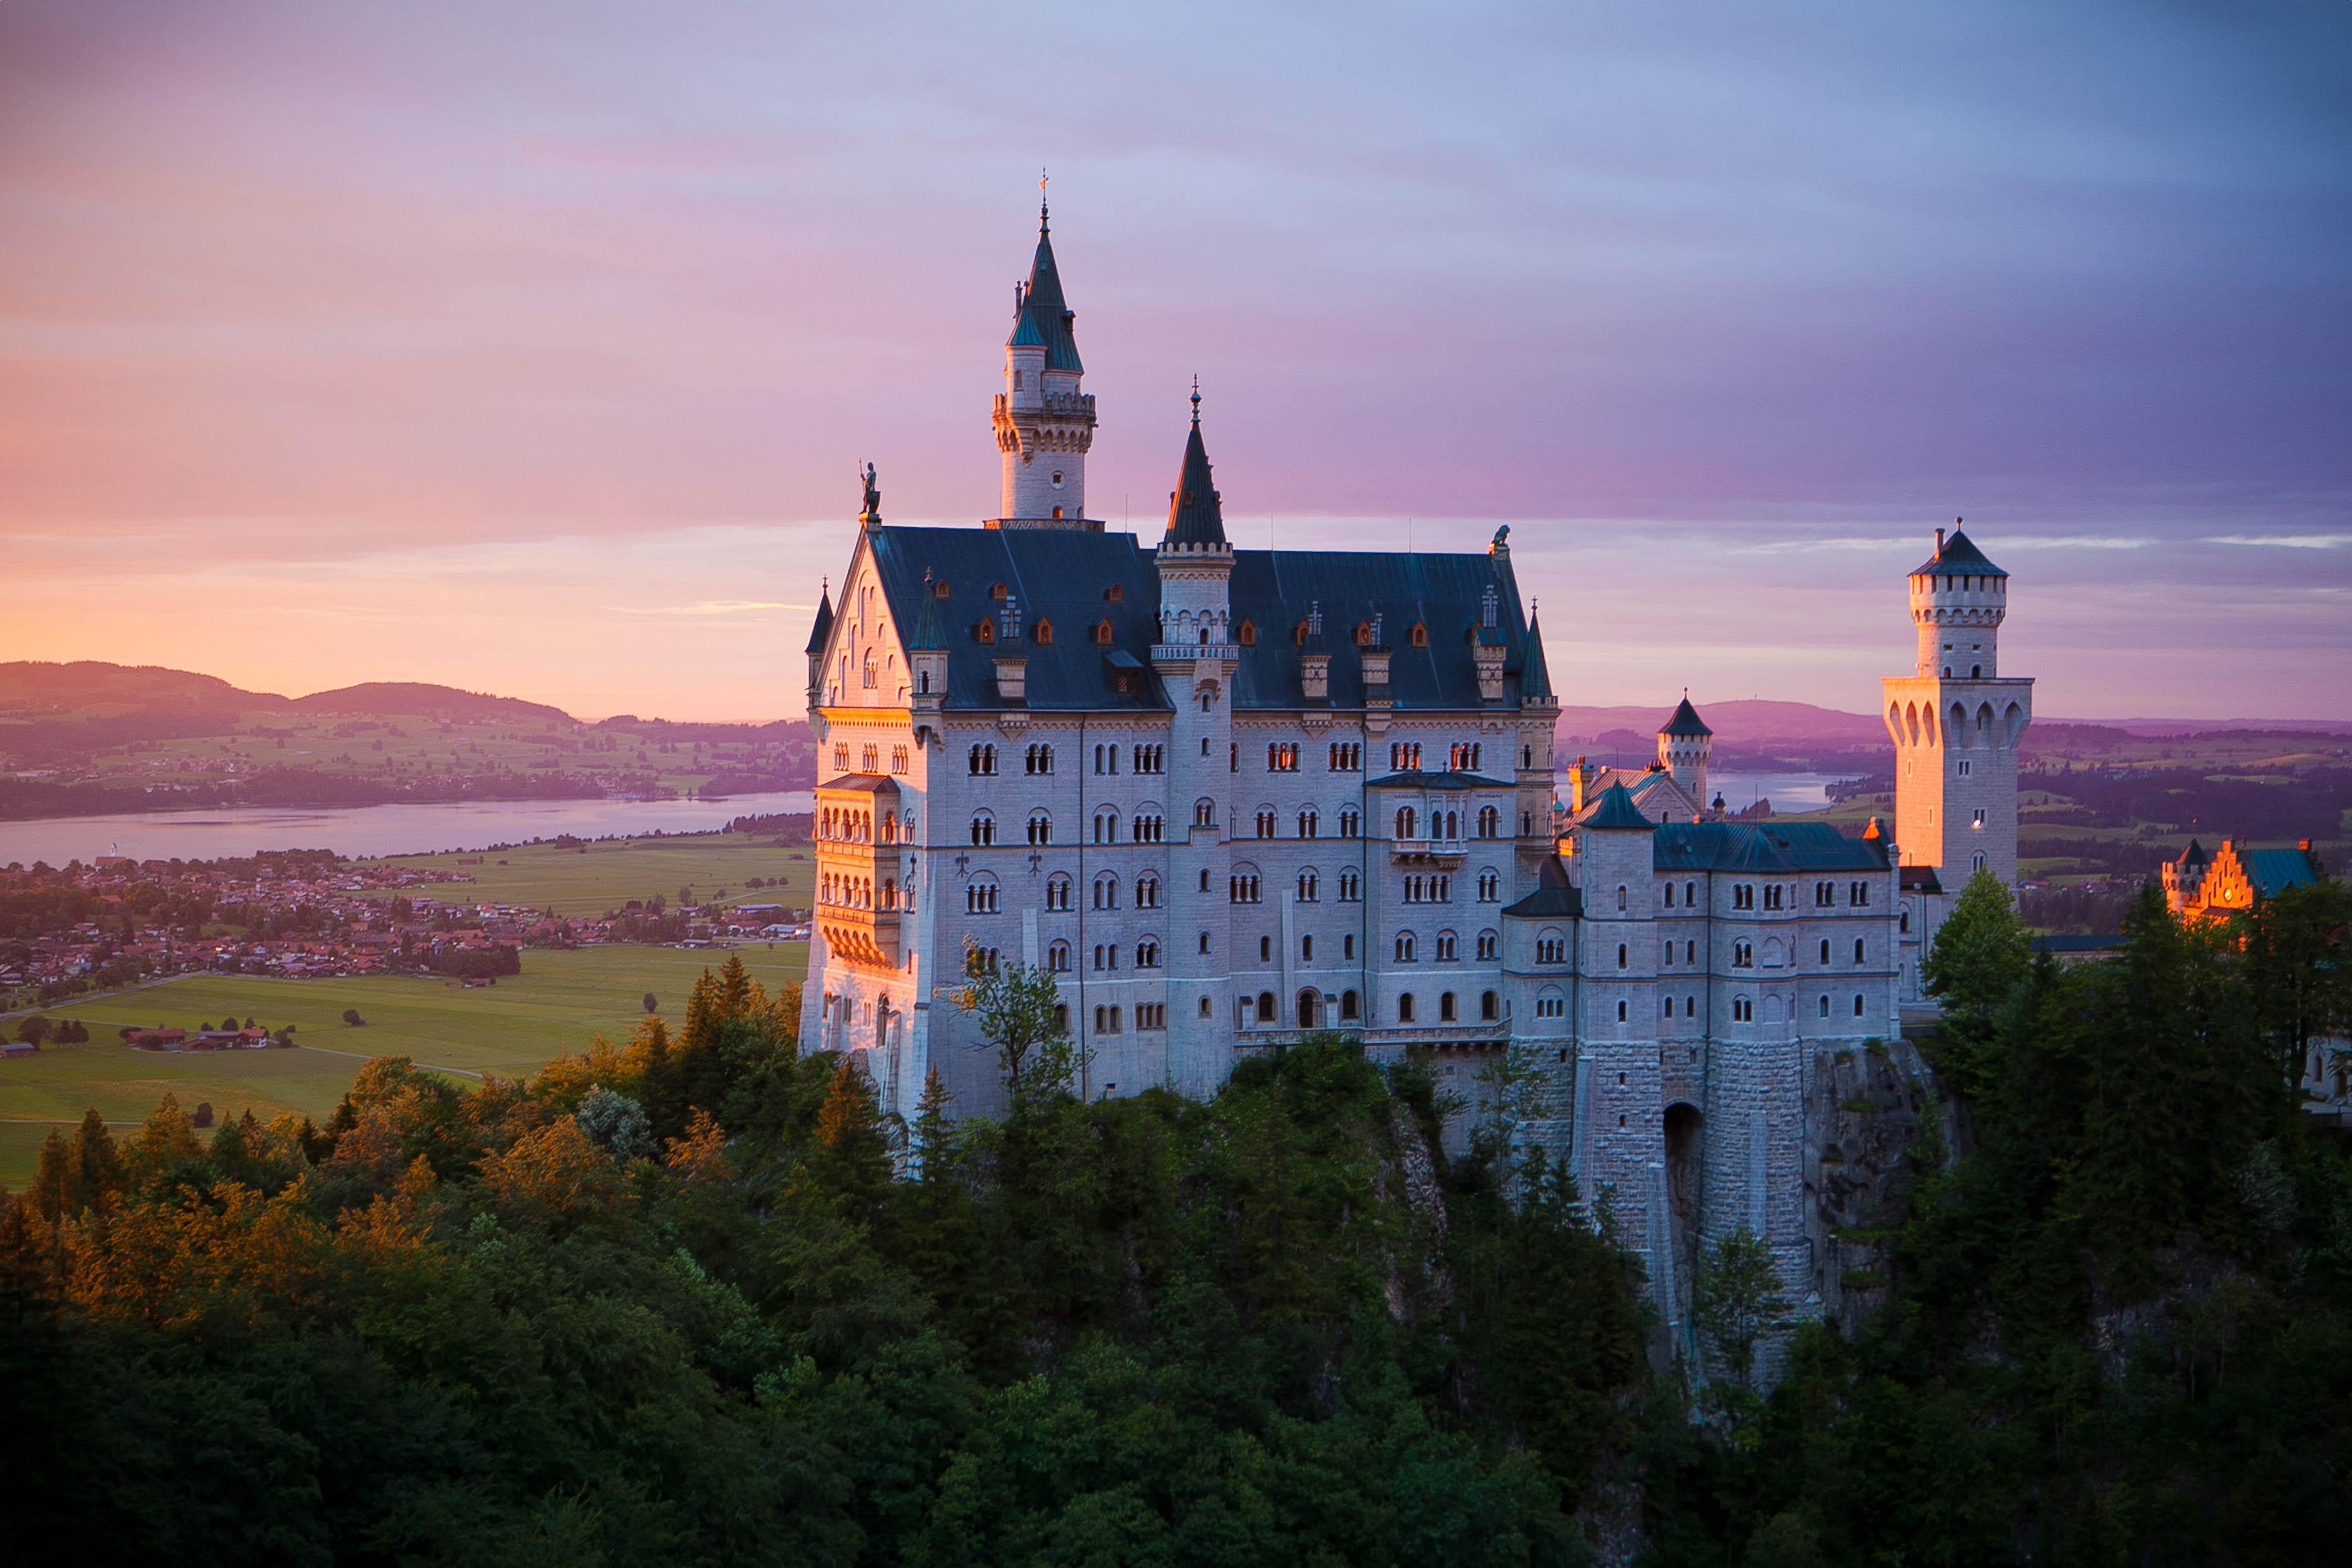 103410 Hintergrundbild herunterladen Architektur, Städte, Sperren, Deutschland, Bayern, Neuschwanstein - Bildschirmschoner und Bilder kostenlos